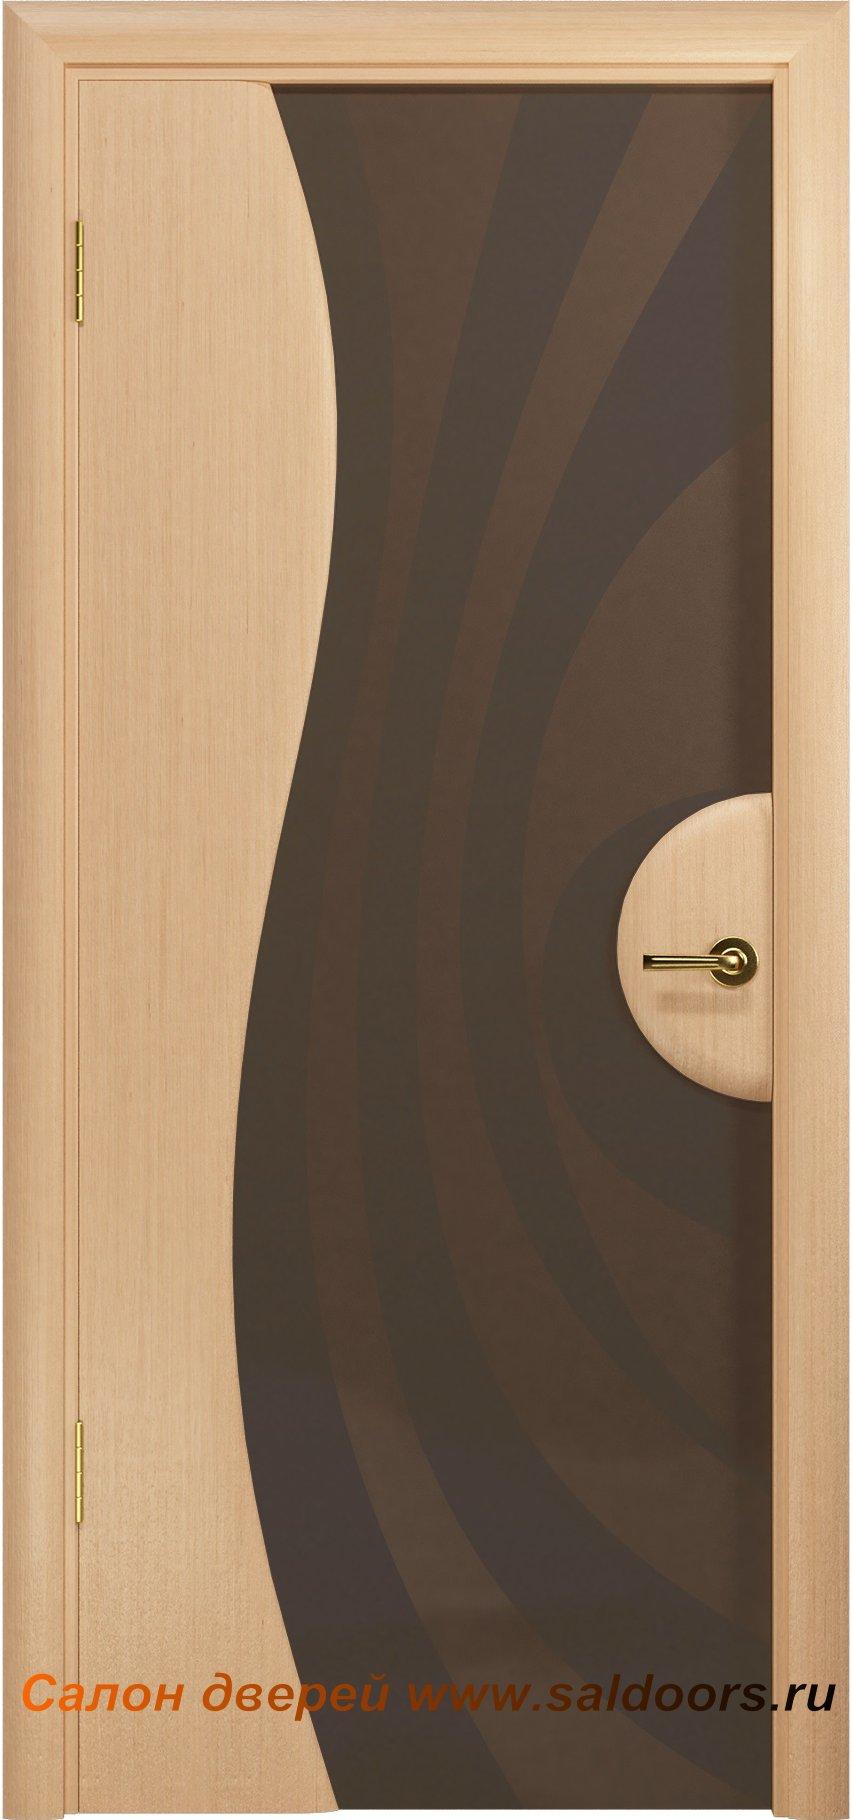 Двери ОСБ из массива межкомнатные купить